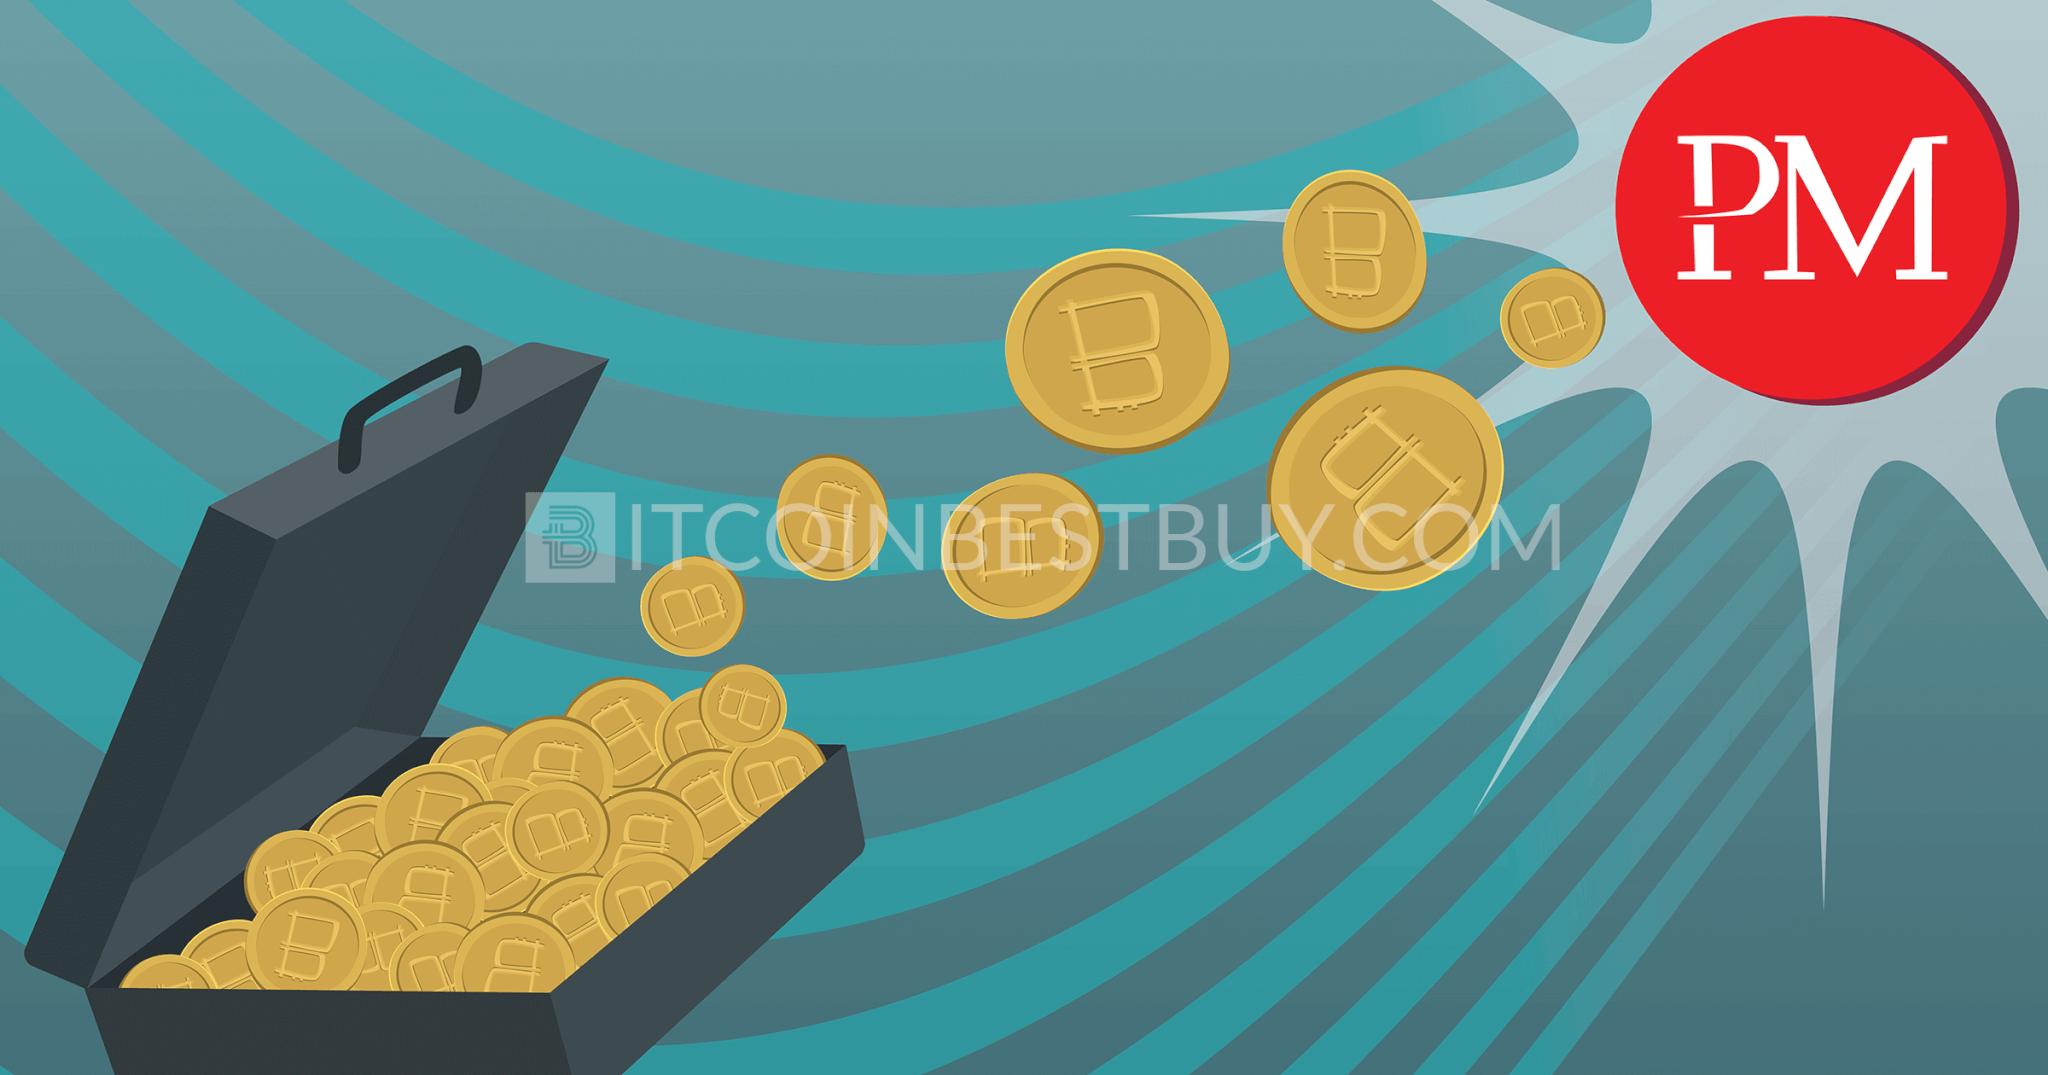 bitcoin seller reviews